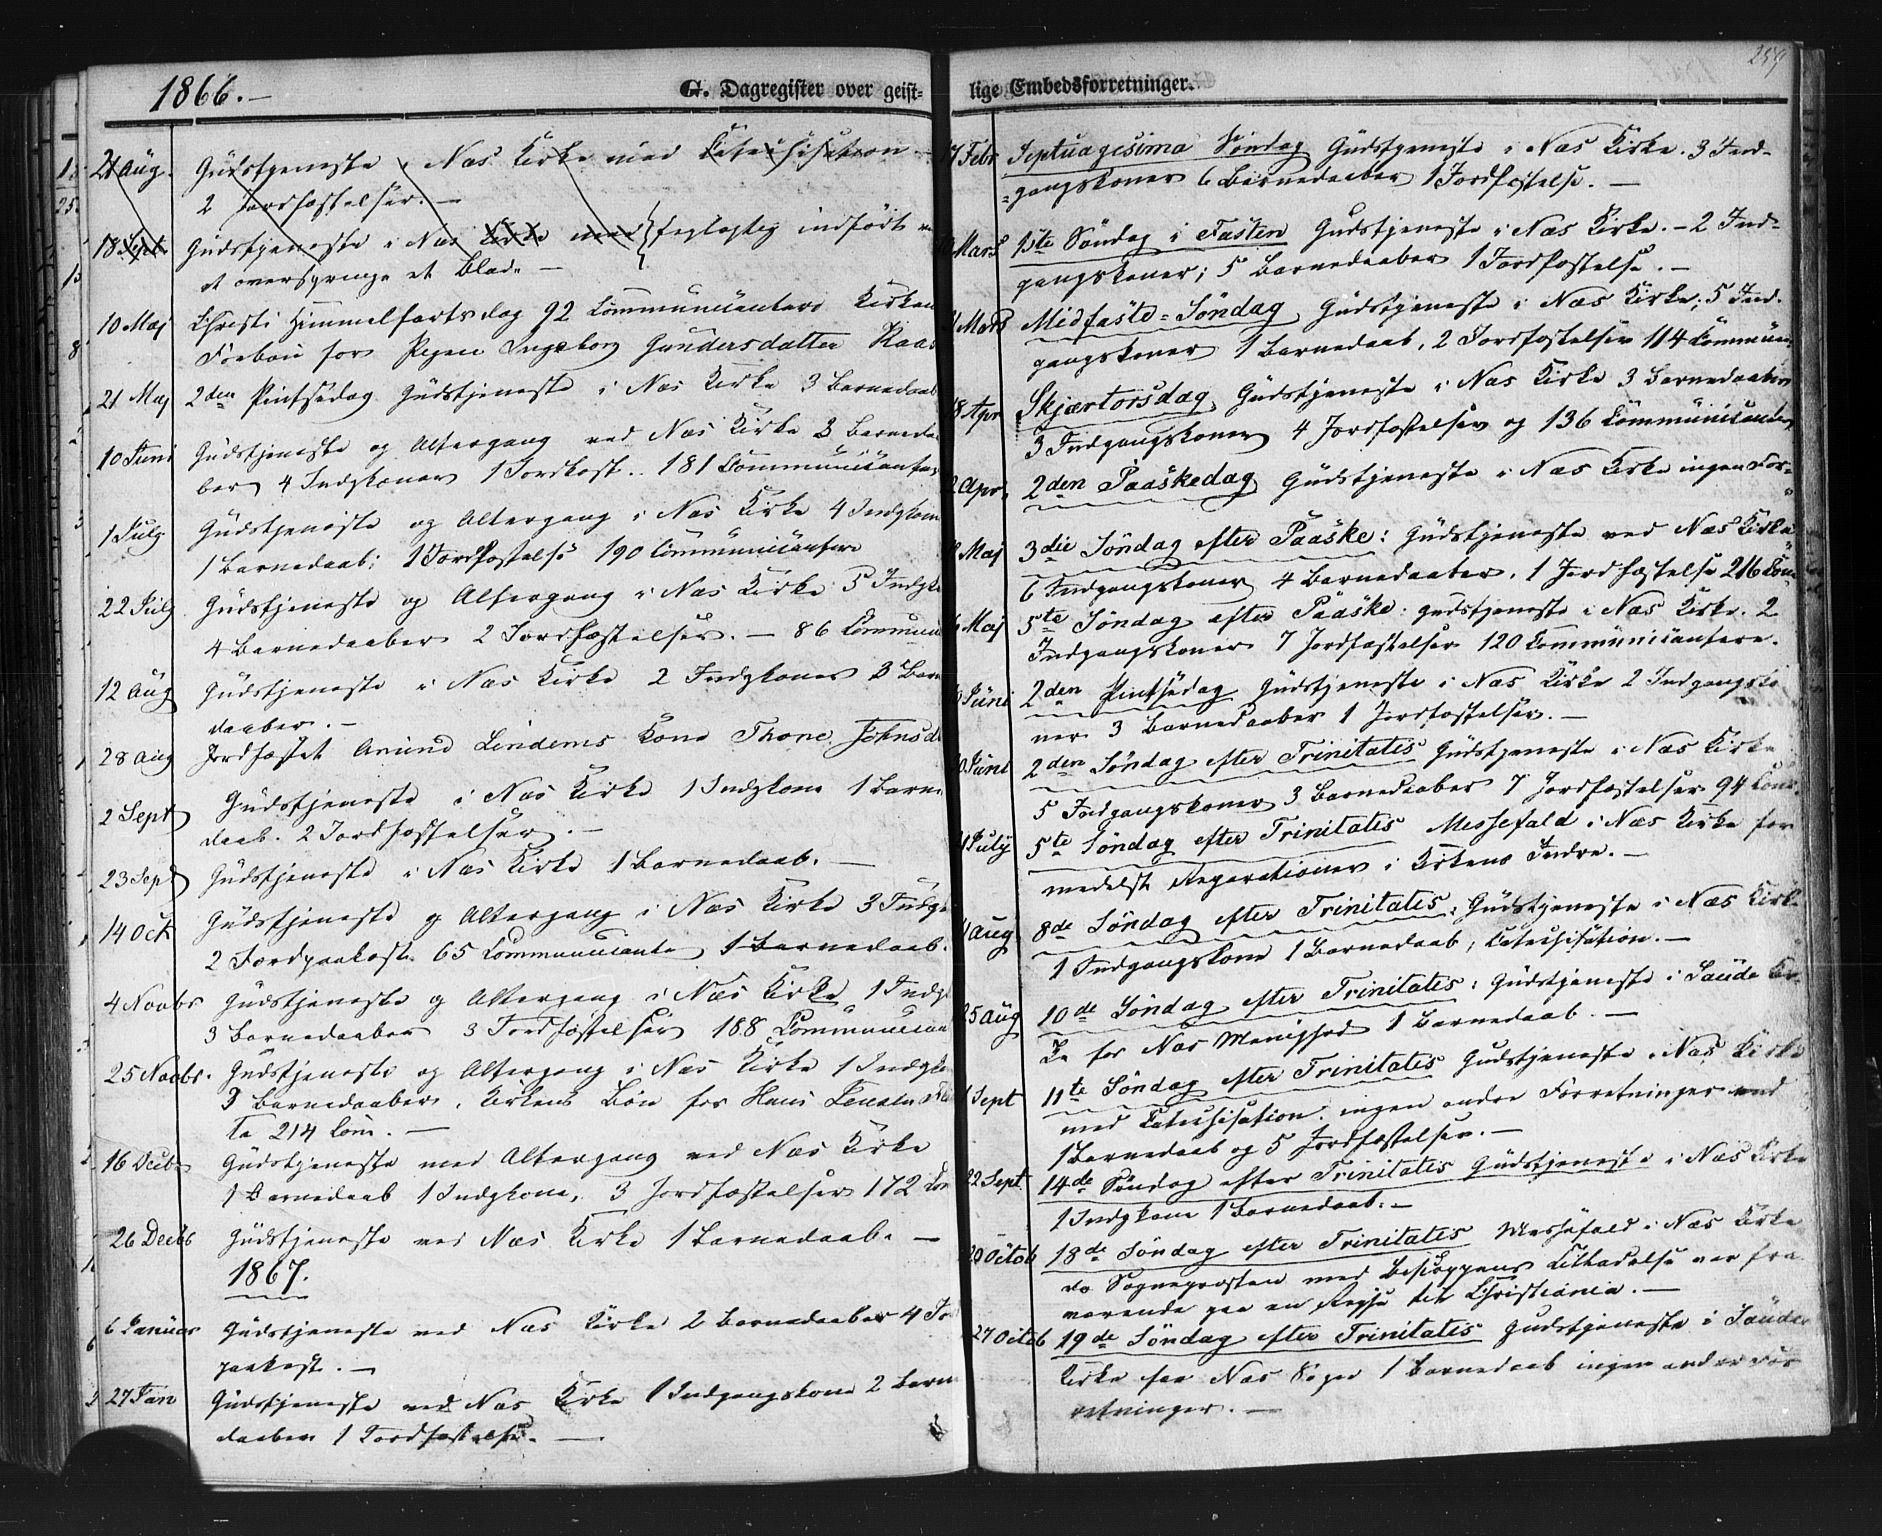 SAKO, Sauherad kirkebøker, F/Fb/L0001: Ministerialbok nr. II 1, 1851-1877, s. 259